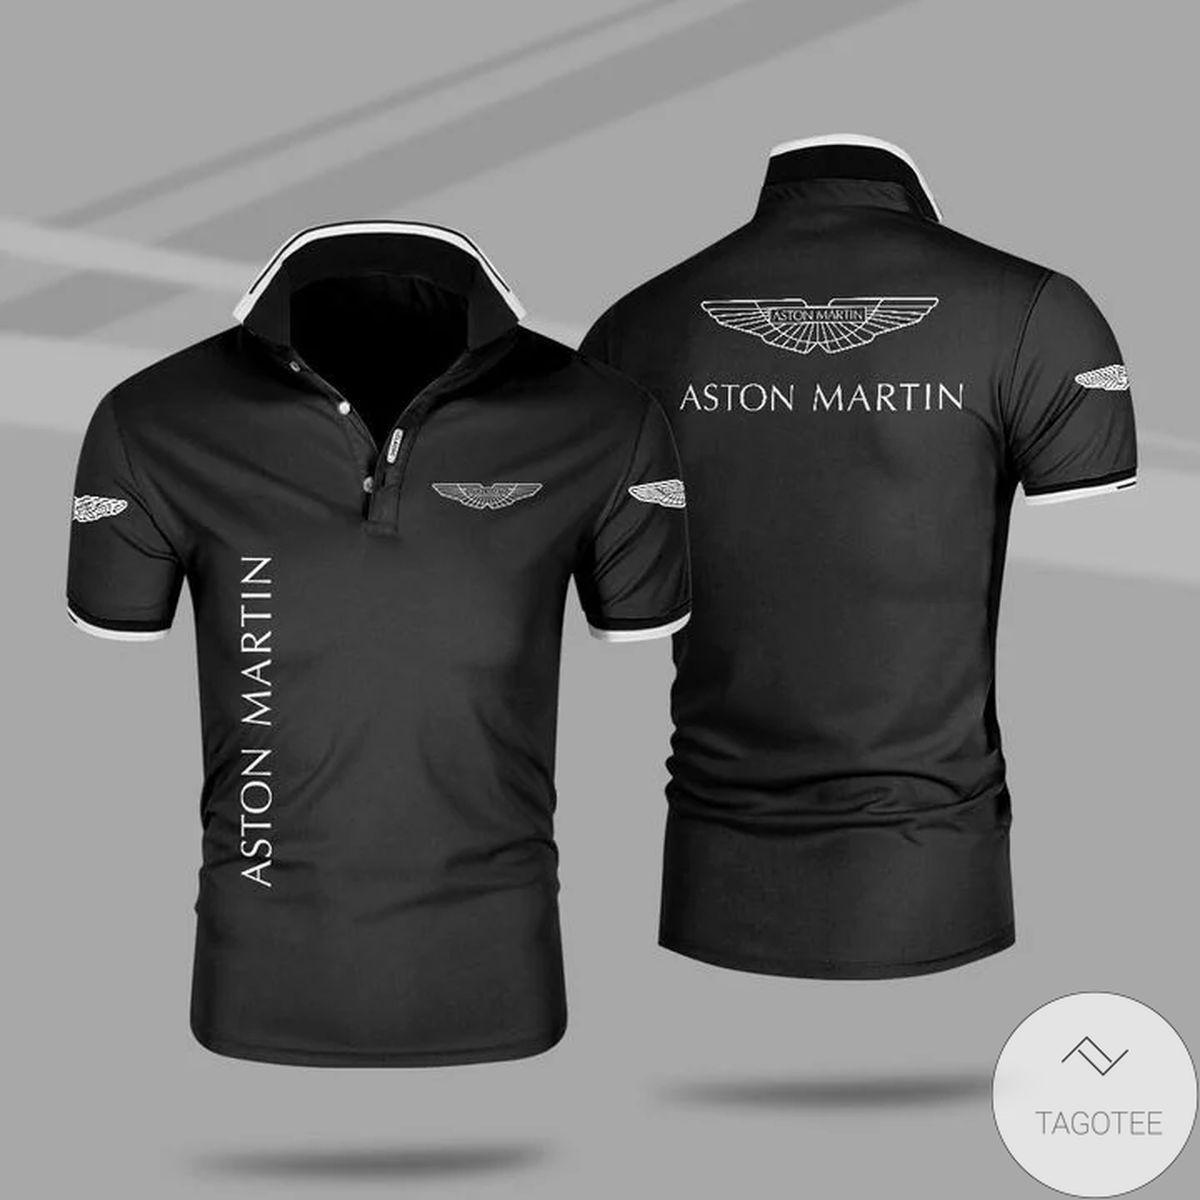 Aston Martin Polo Shirt